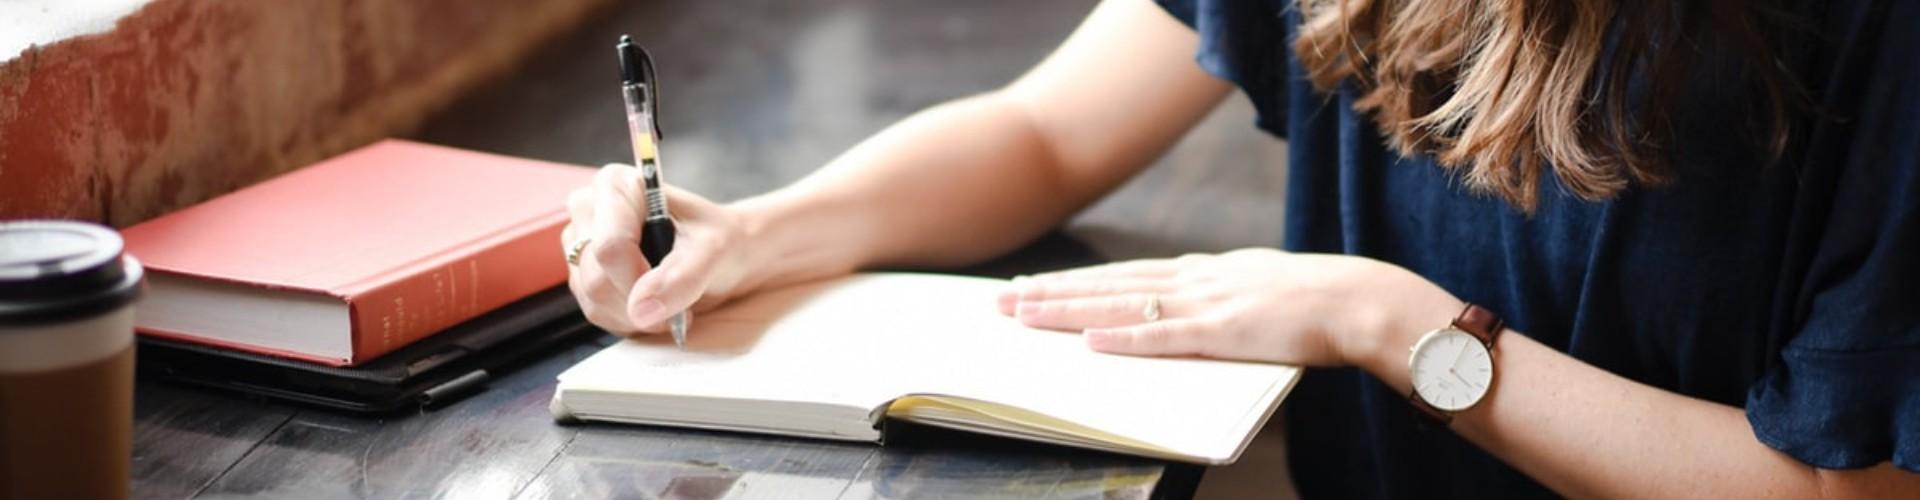 Życiorys a CV - różnice. Co to jest CV i życiorys? Definicje